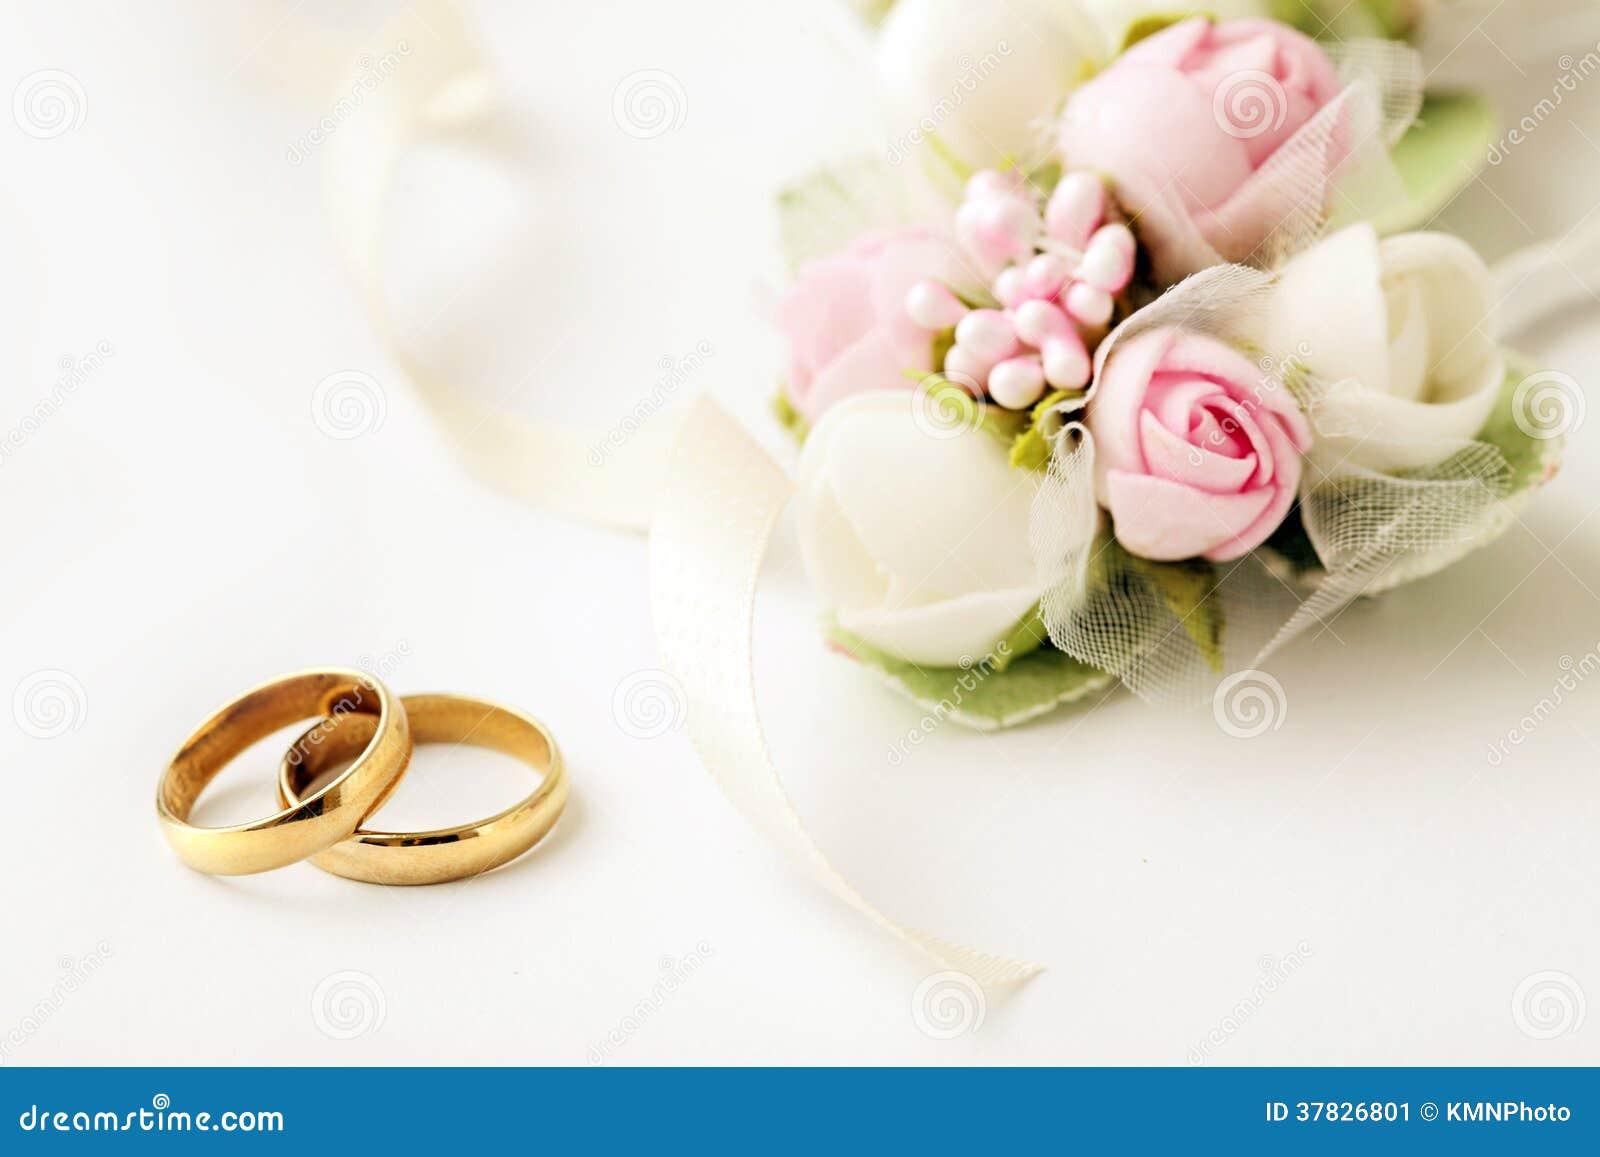 Anneaux De Mariage Image stock - Image: 37826801